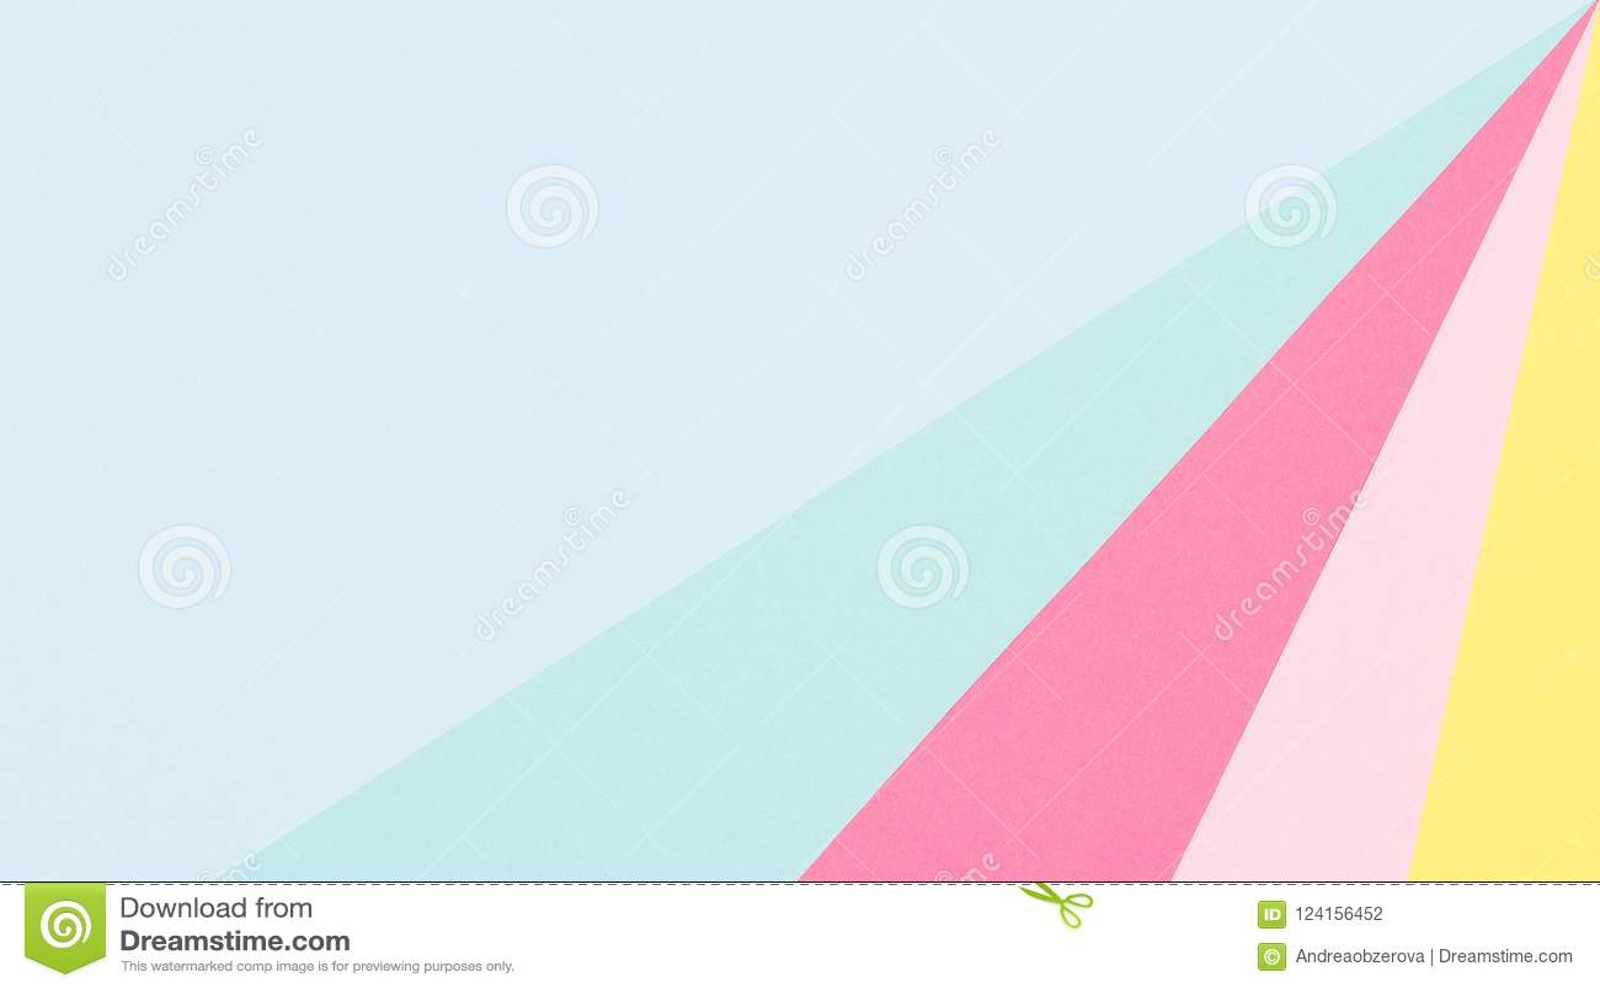 Το αφηρημένο γεωμετρικό επίπεδο εγγράφου κρητιδογραφιών μπλε, κίτρινο και ρόδινο βάζει το υπόβαθρο Πρότυπο μινιμαλισμού και συμμε